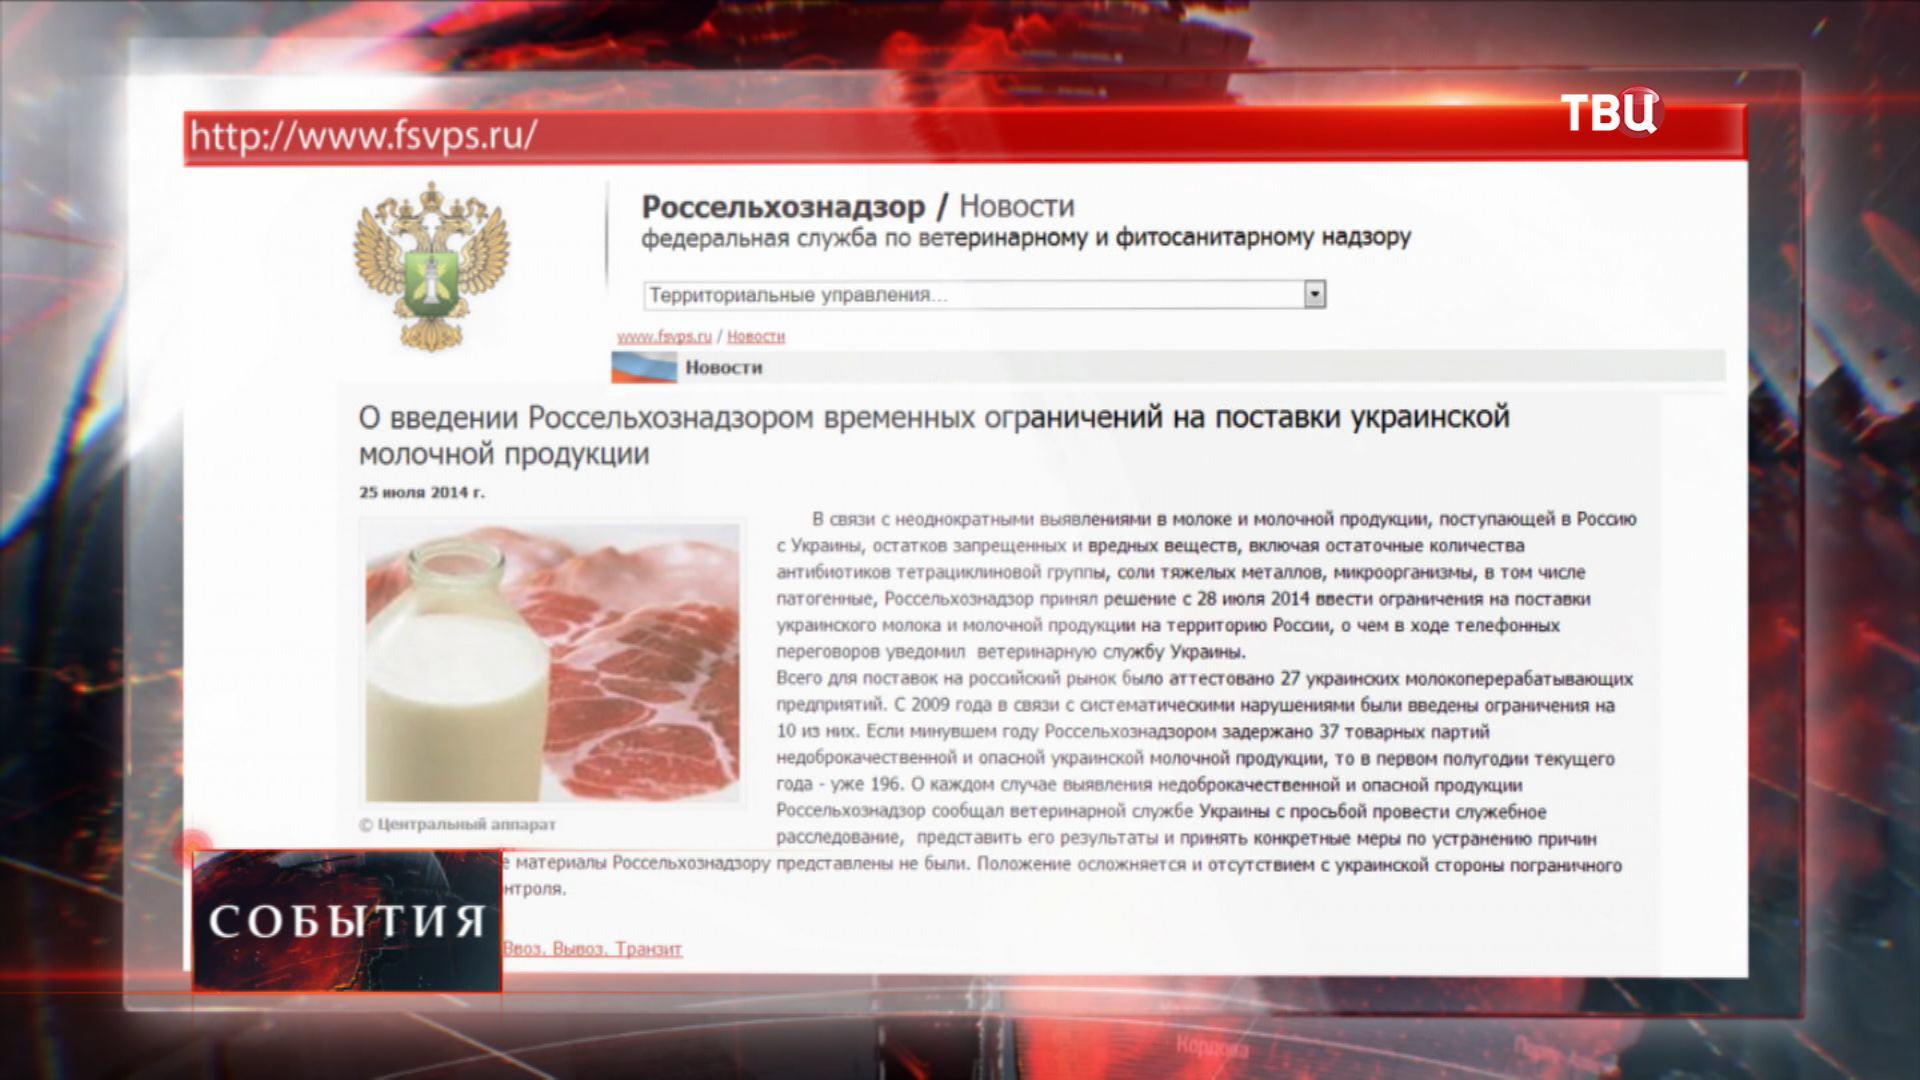 Ограничение на поставки украинской молочной продукции